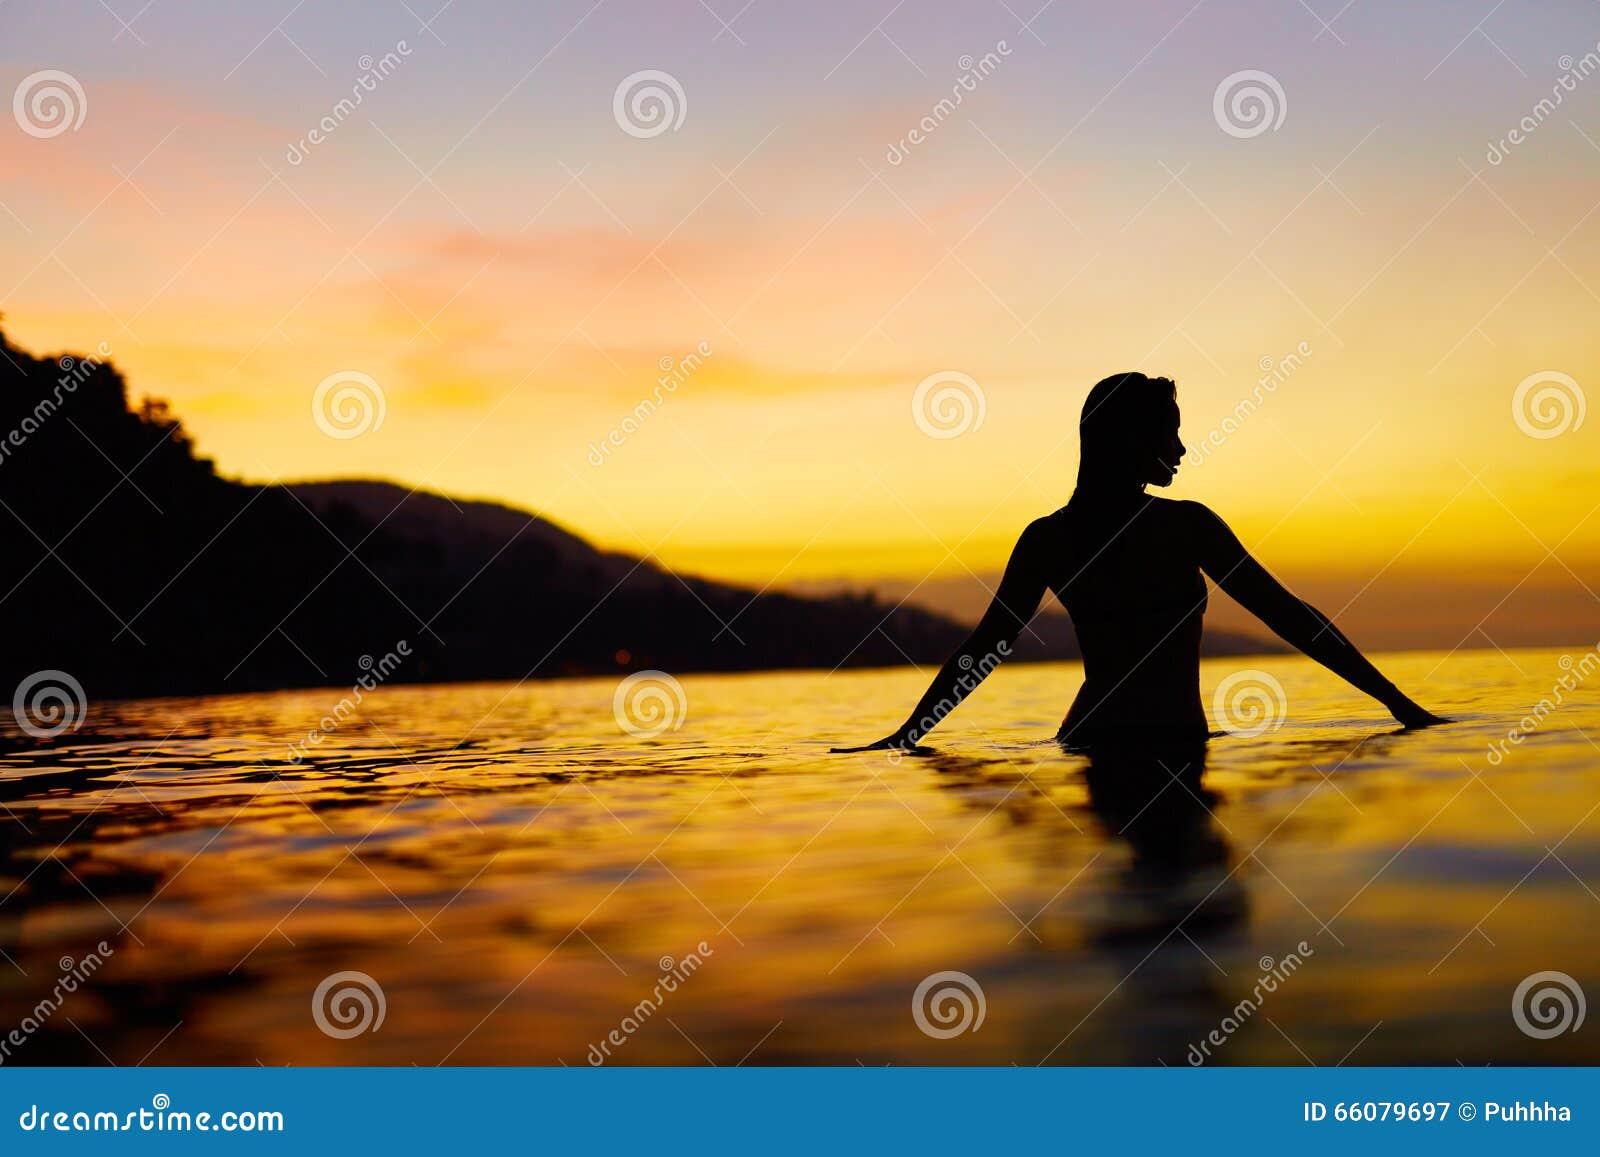 Gesunder Lebensstil, Gesundheit Frau, die Seesonnenuntergang genießt Sommer VAC